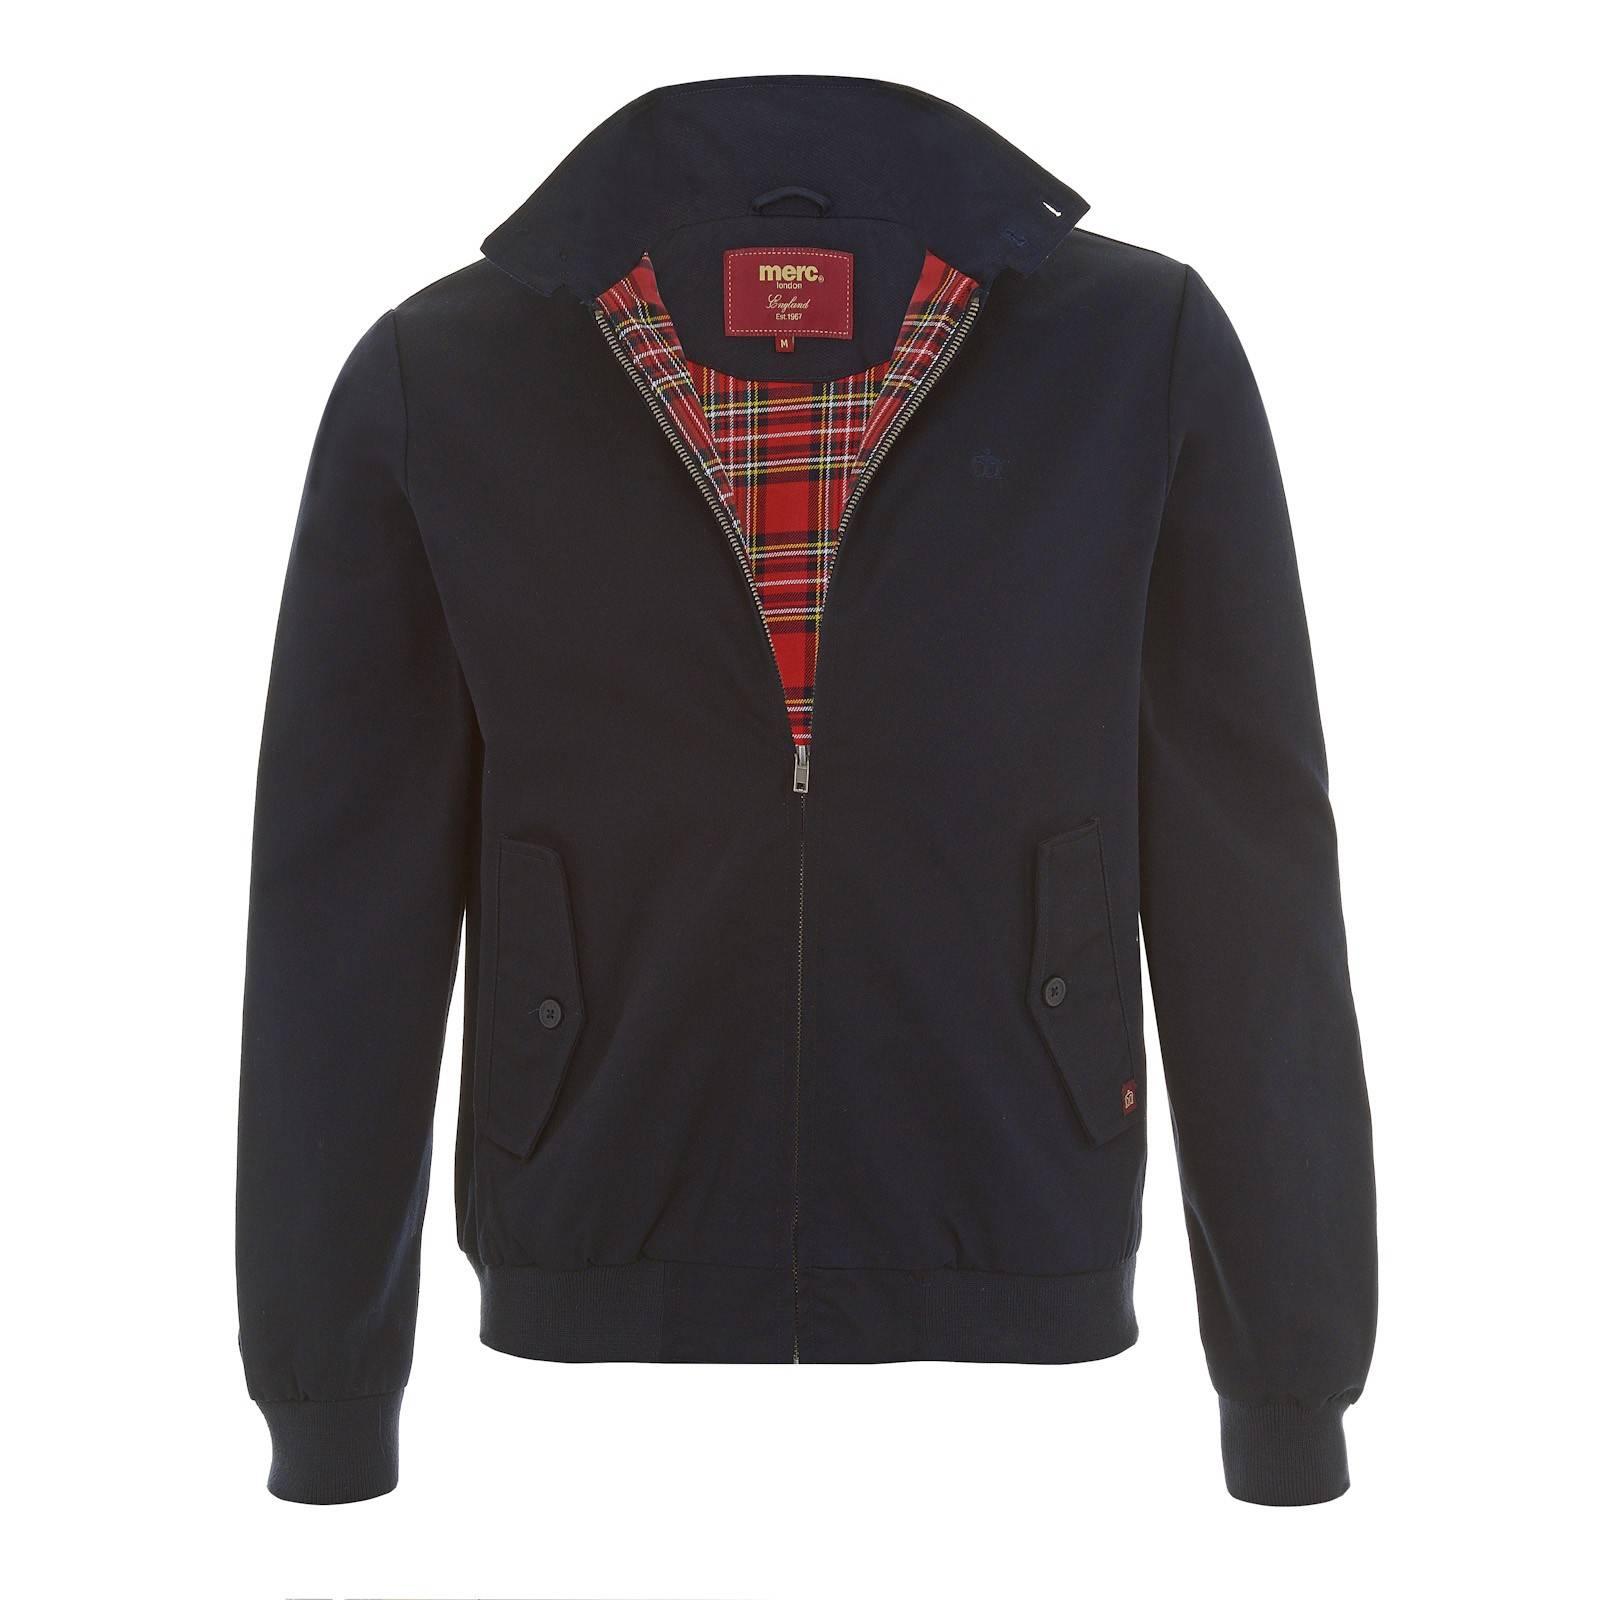 Куртка Harrington. Производитель: Merc London, артикул: 13889